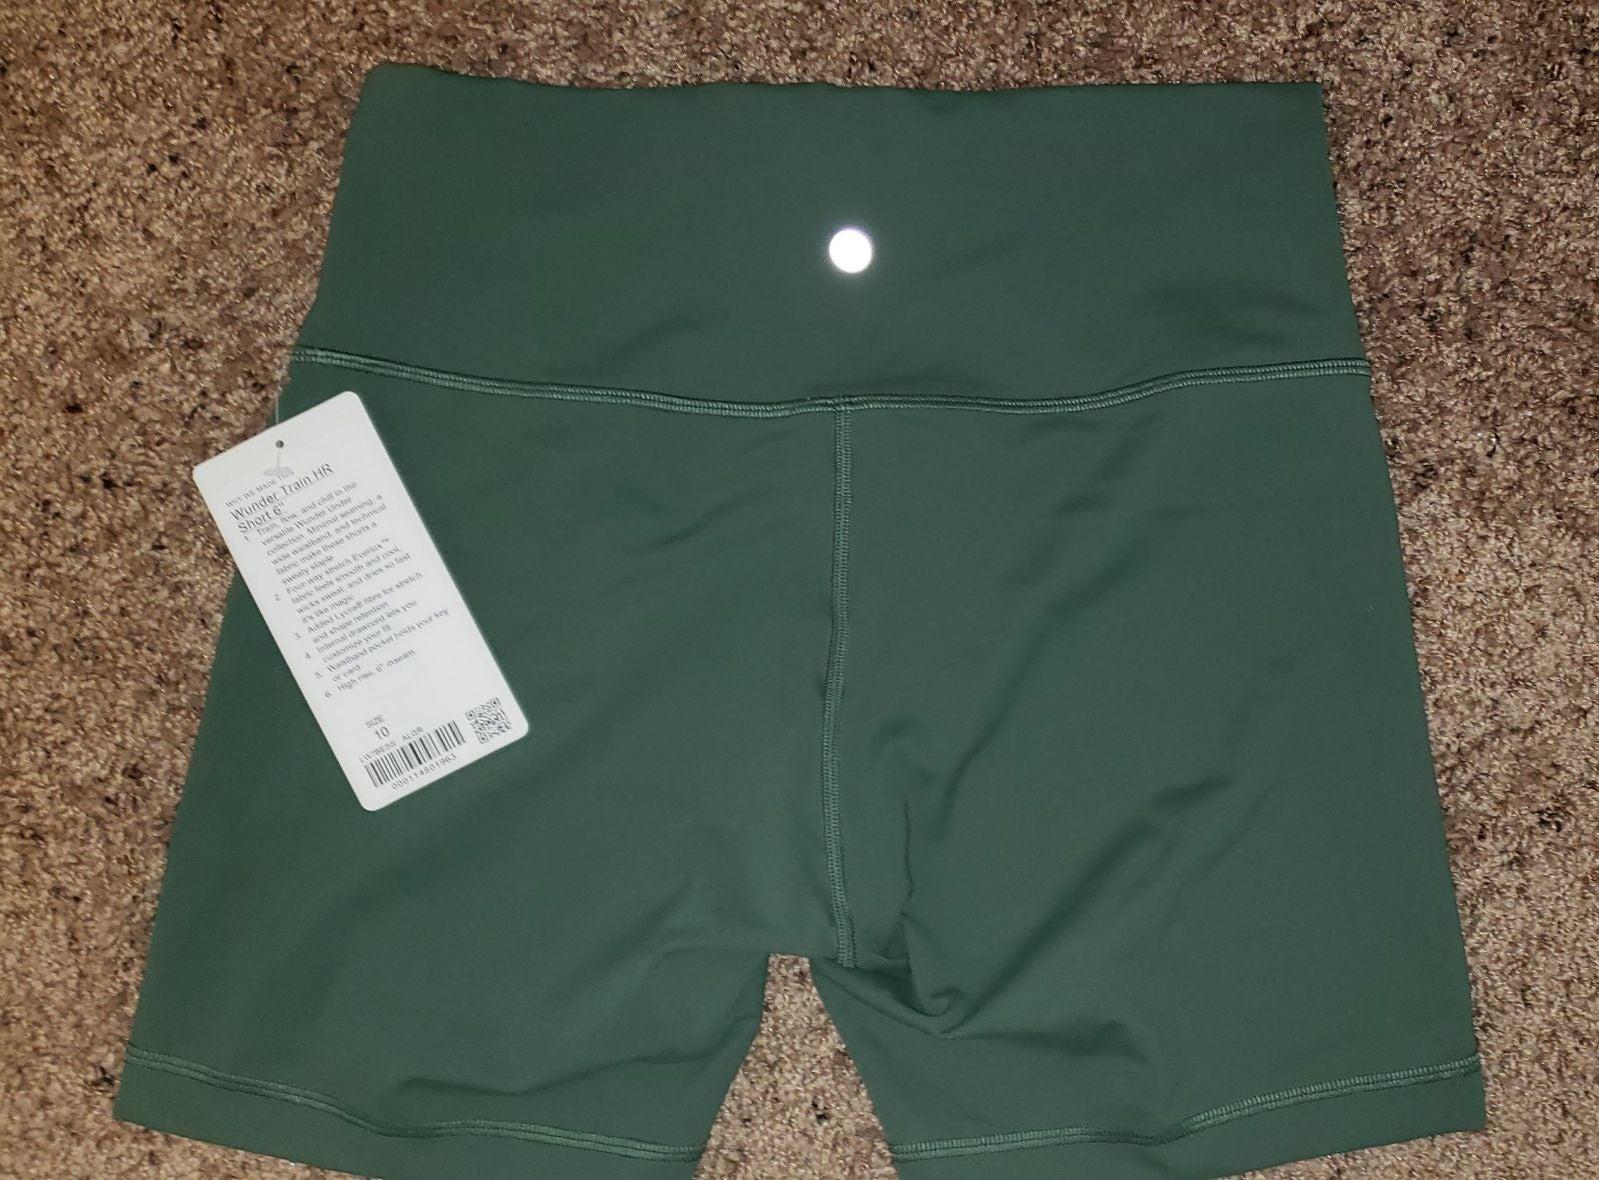 Lululemon wunder train shorts